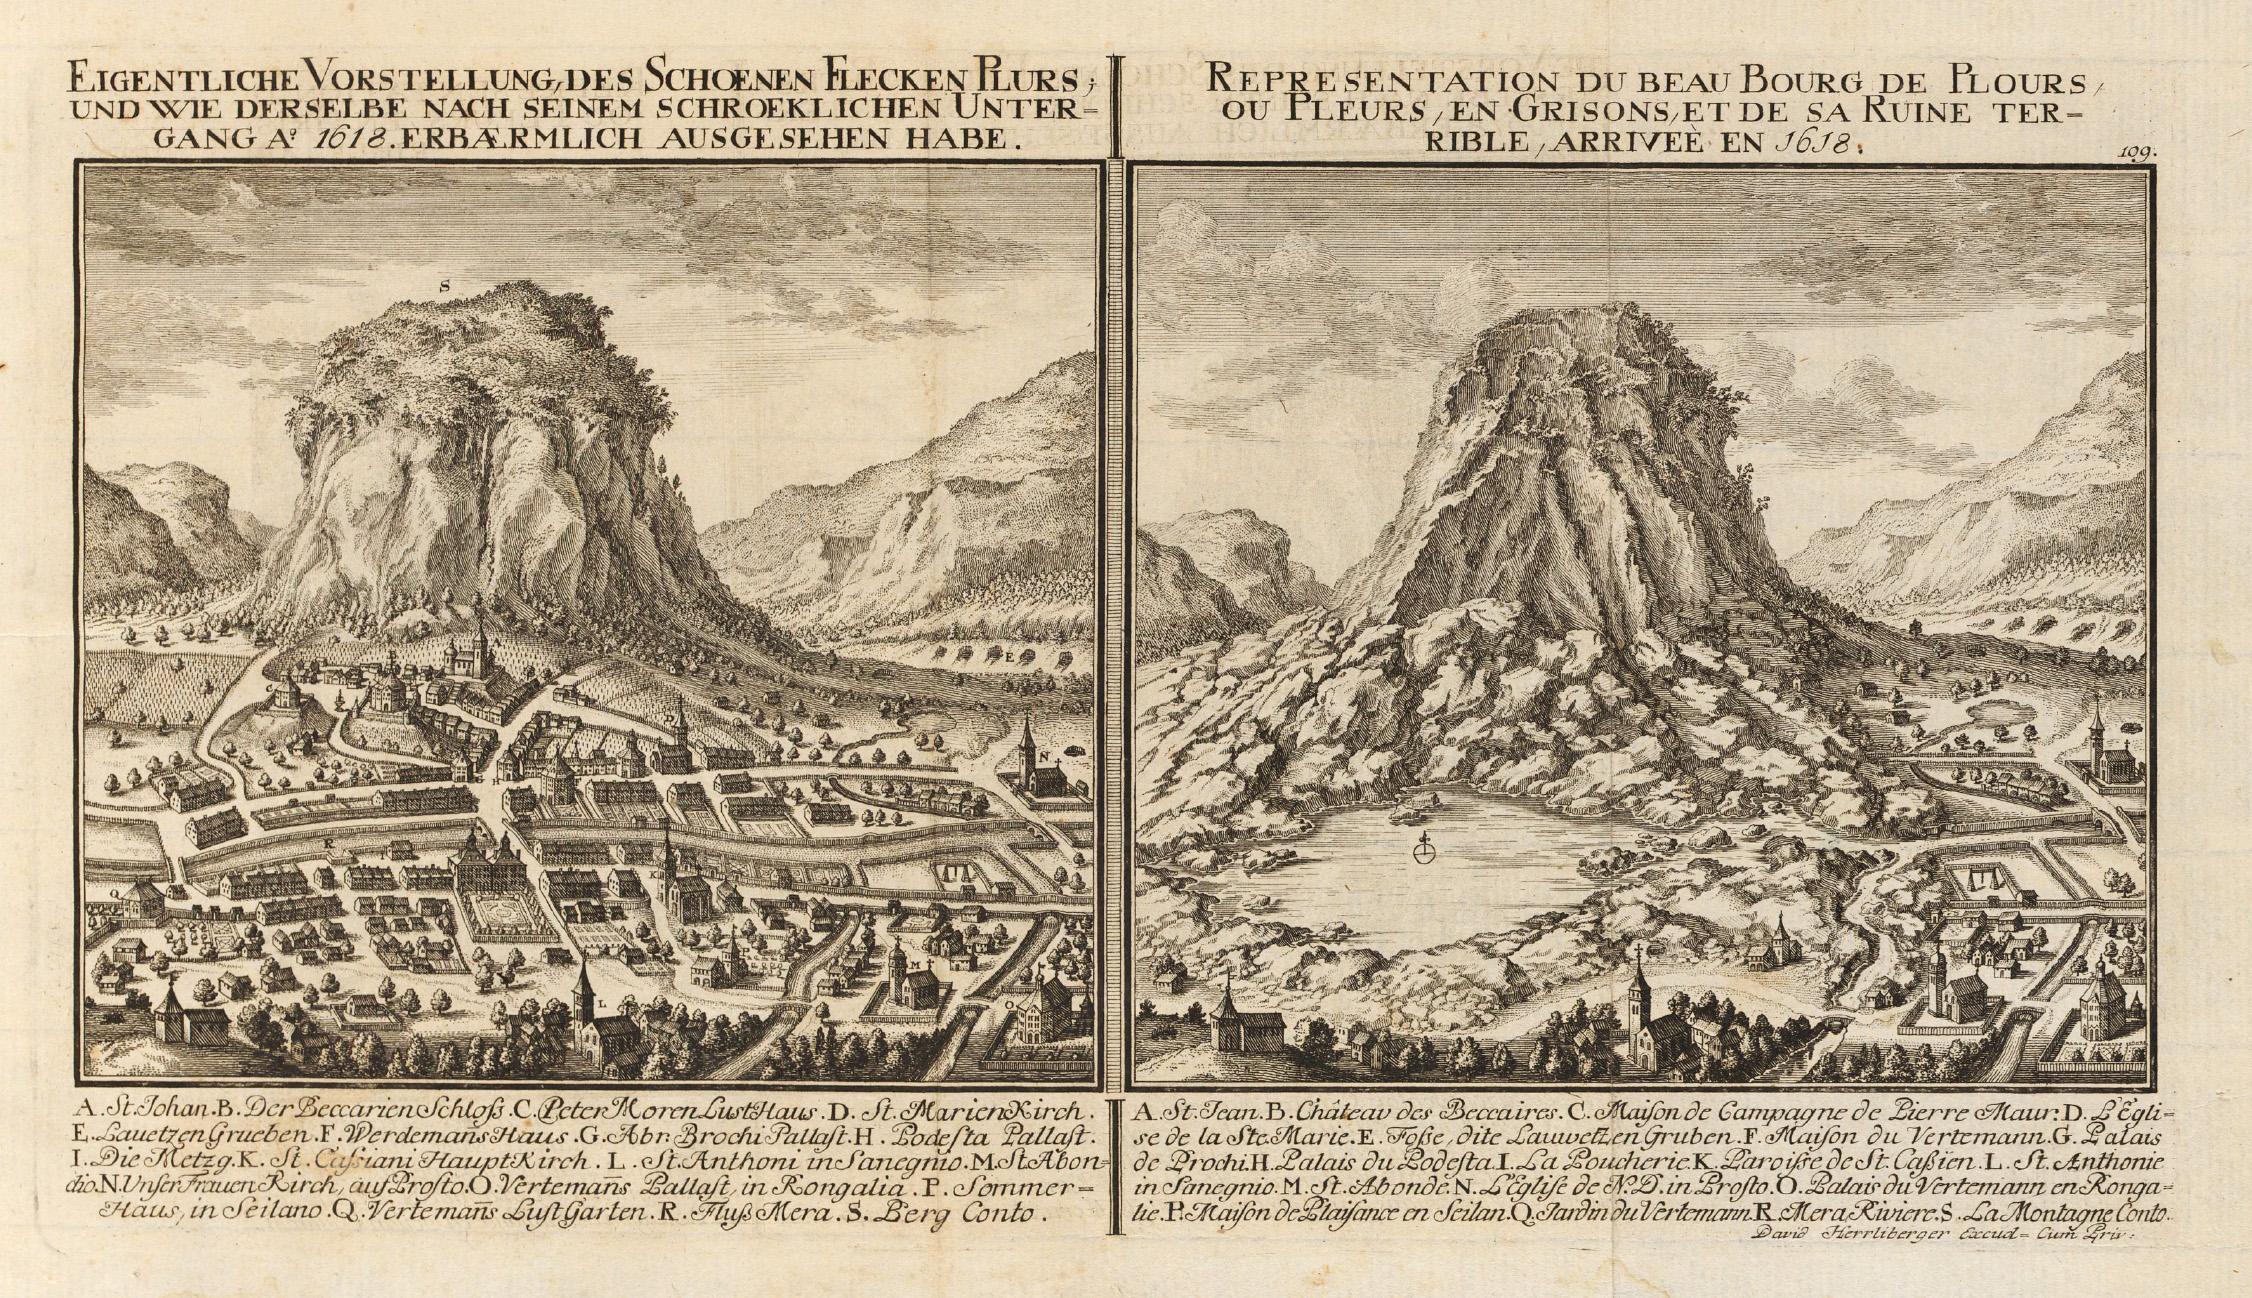 Vorher-Nachher-Bild von Piuro in David Herrlibergers  Topographie der Eydgnoßschaft  von 1756.  zVg